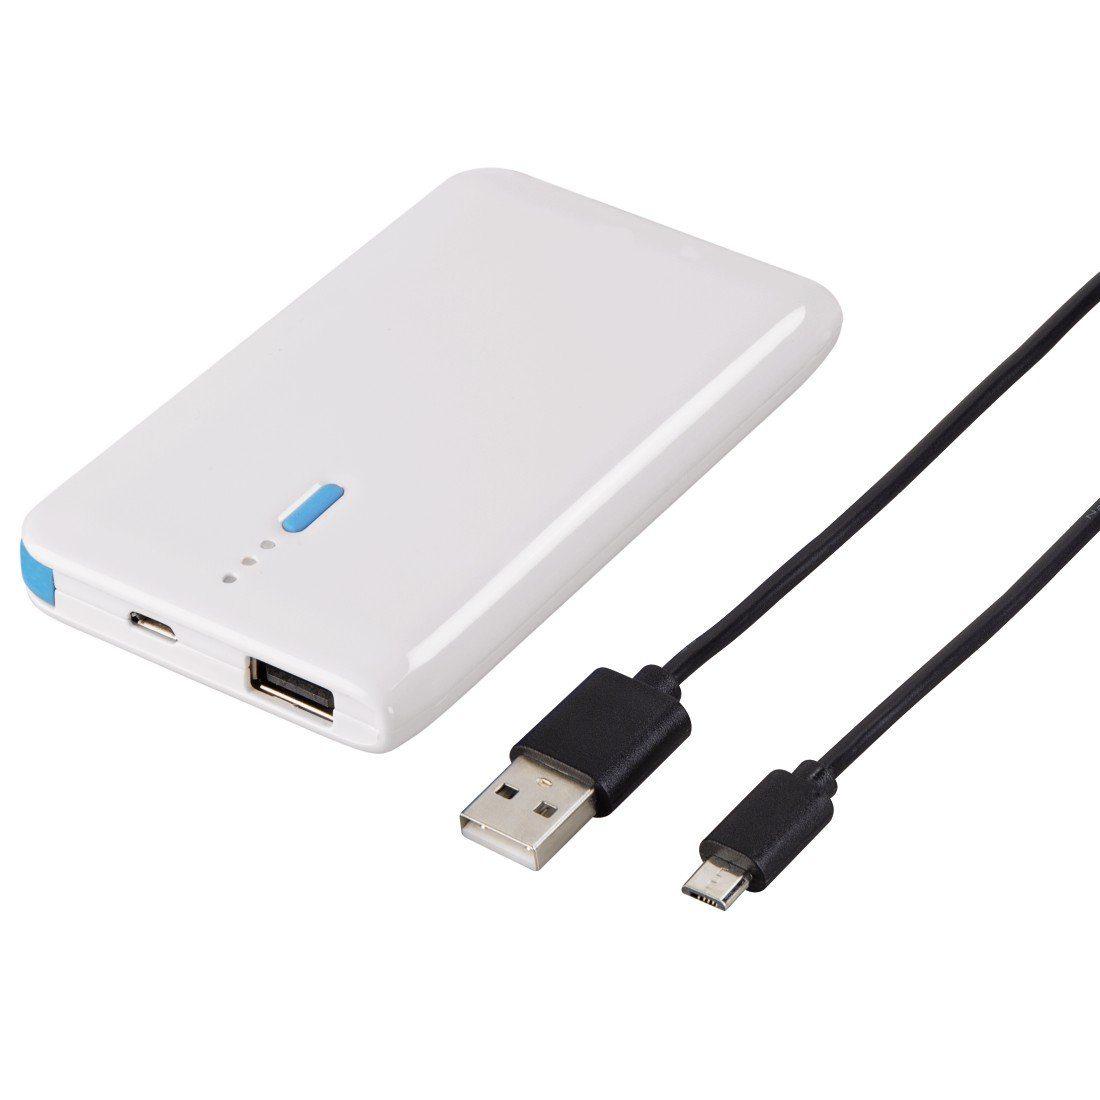 Hama Power Pack Slim, 4600mAh, Weiß